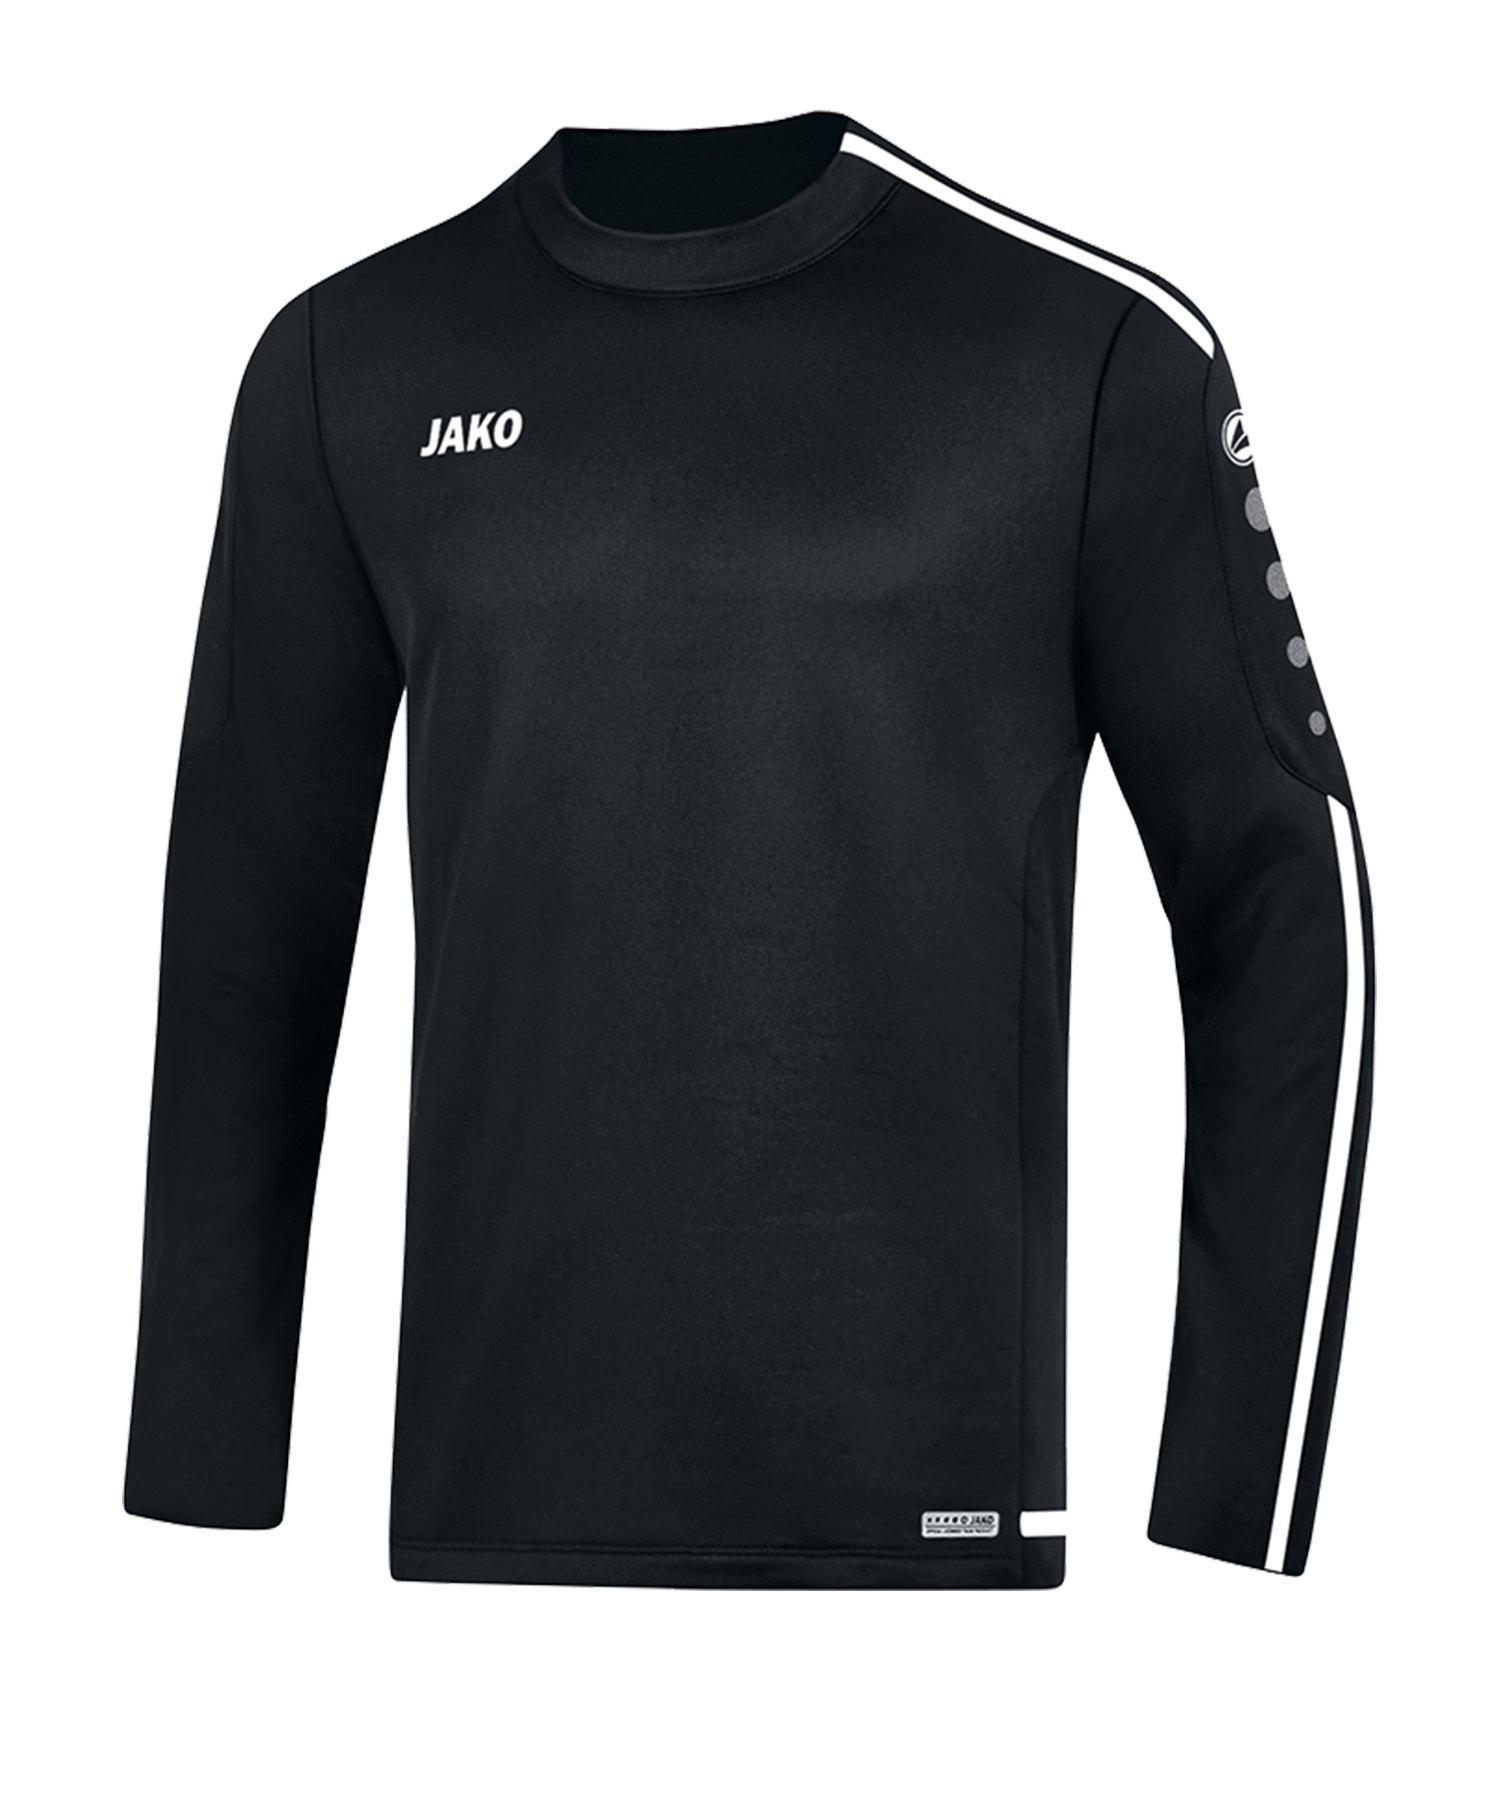 Jako Striker 2.0 Sweatshirt Grün Weiss F06 - schwarz